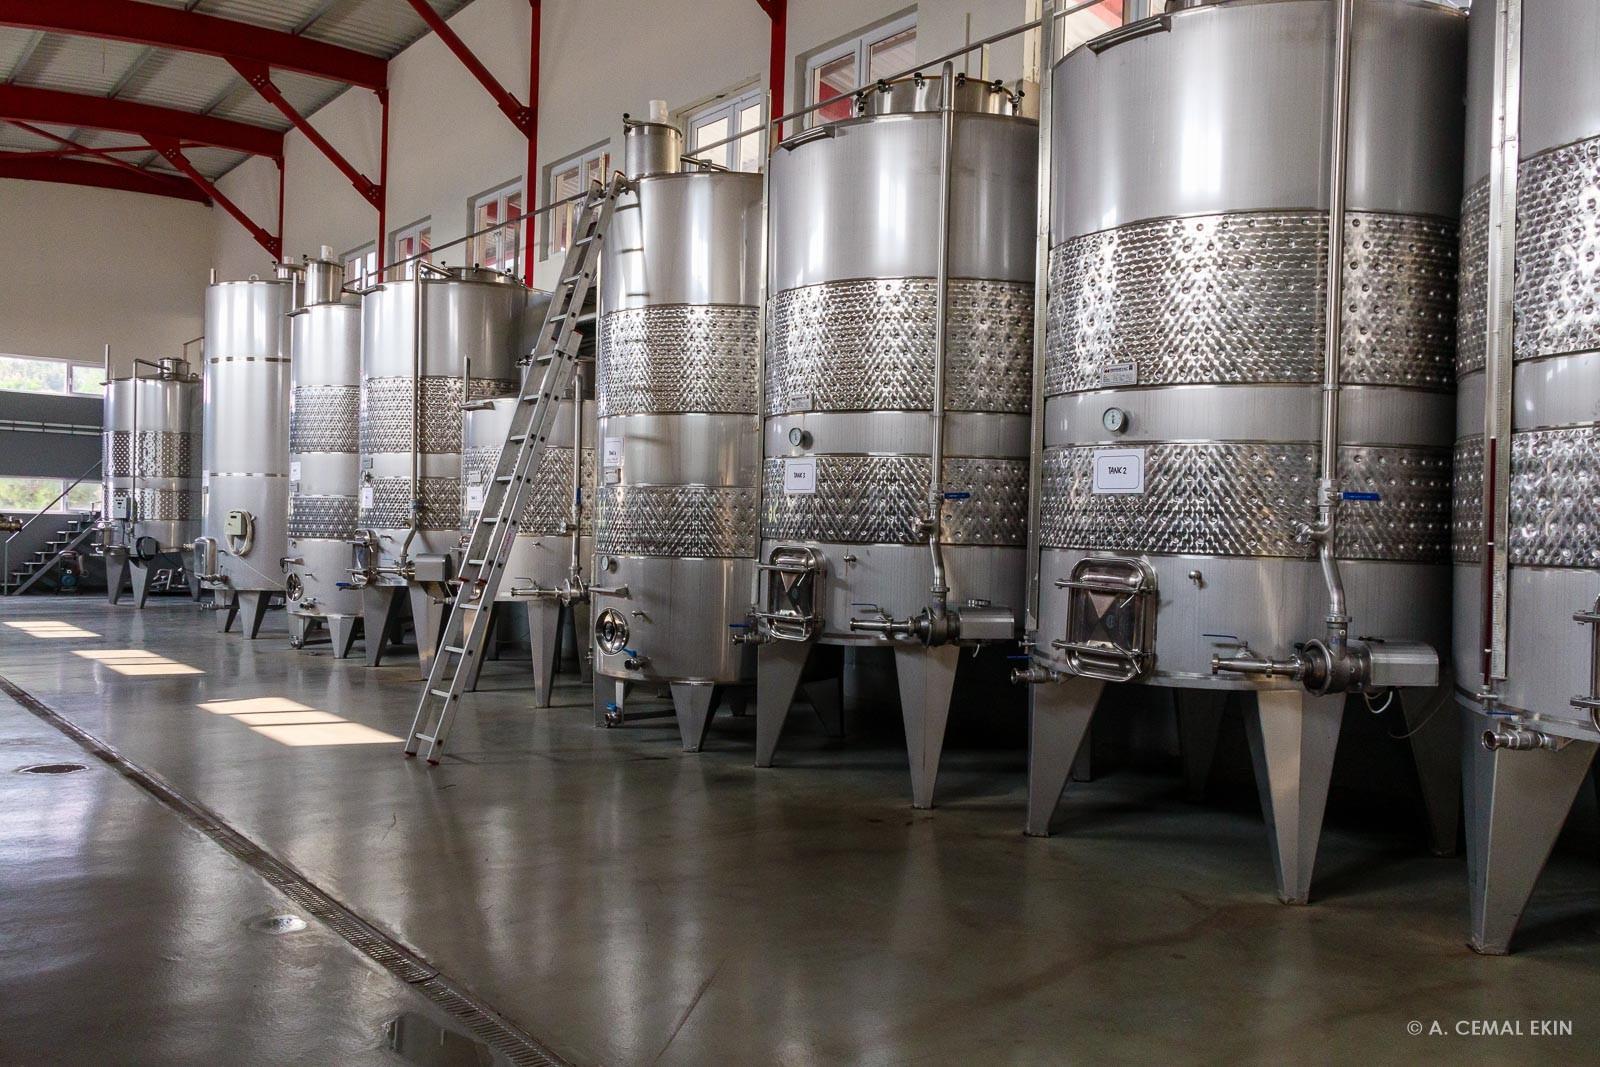 Ma'Adra Winery stage one